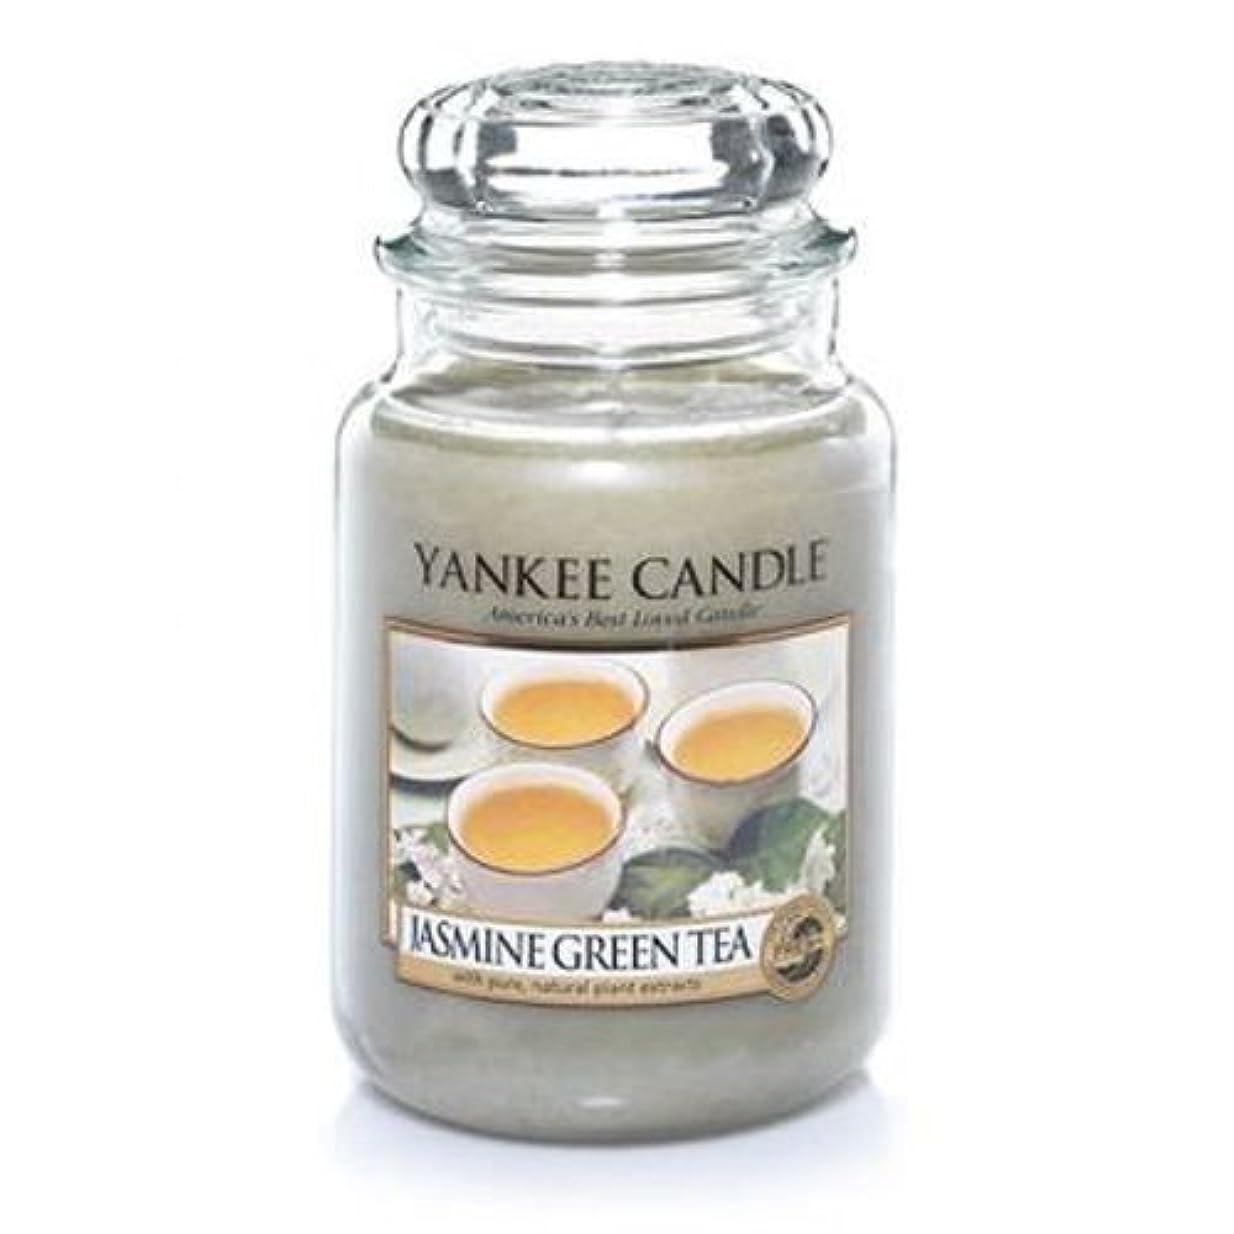 オーストラリア人才能のあるからかうYankeeキャンドルジャスミングリーンティーLarge Jar Candle、新鮮な香り